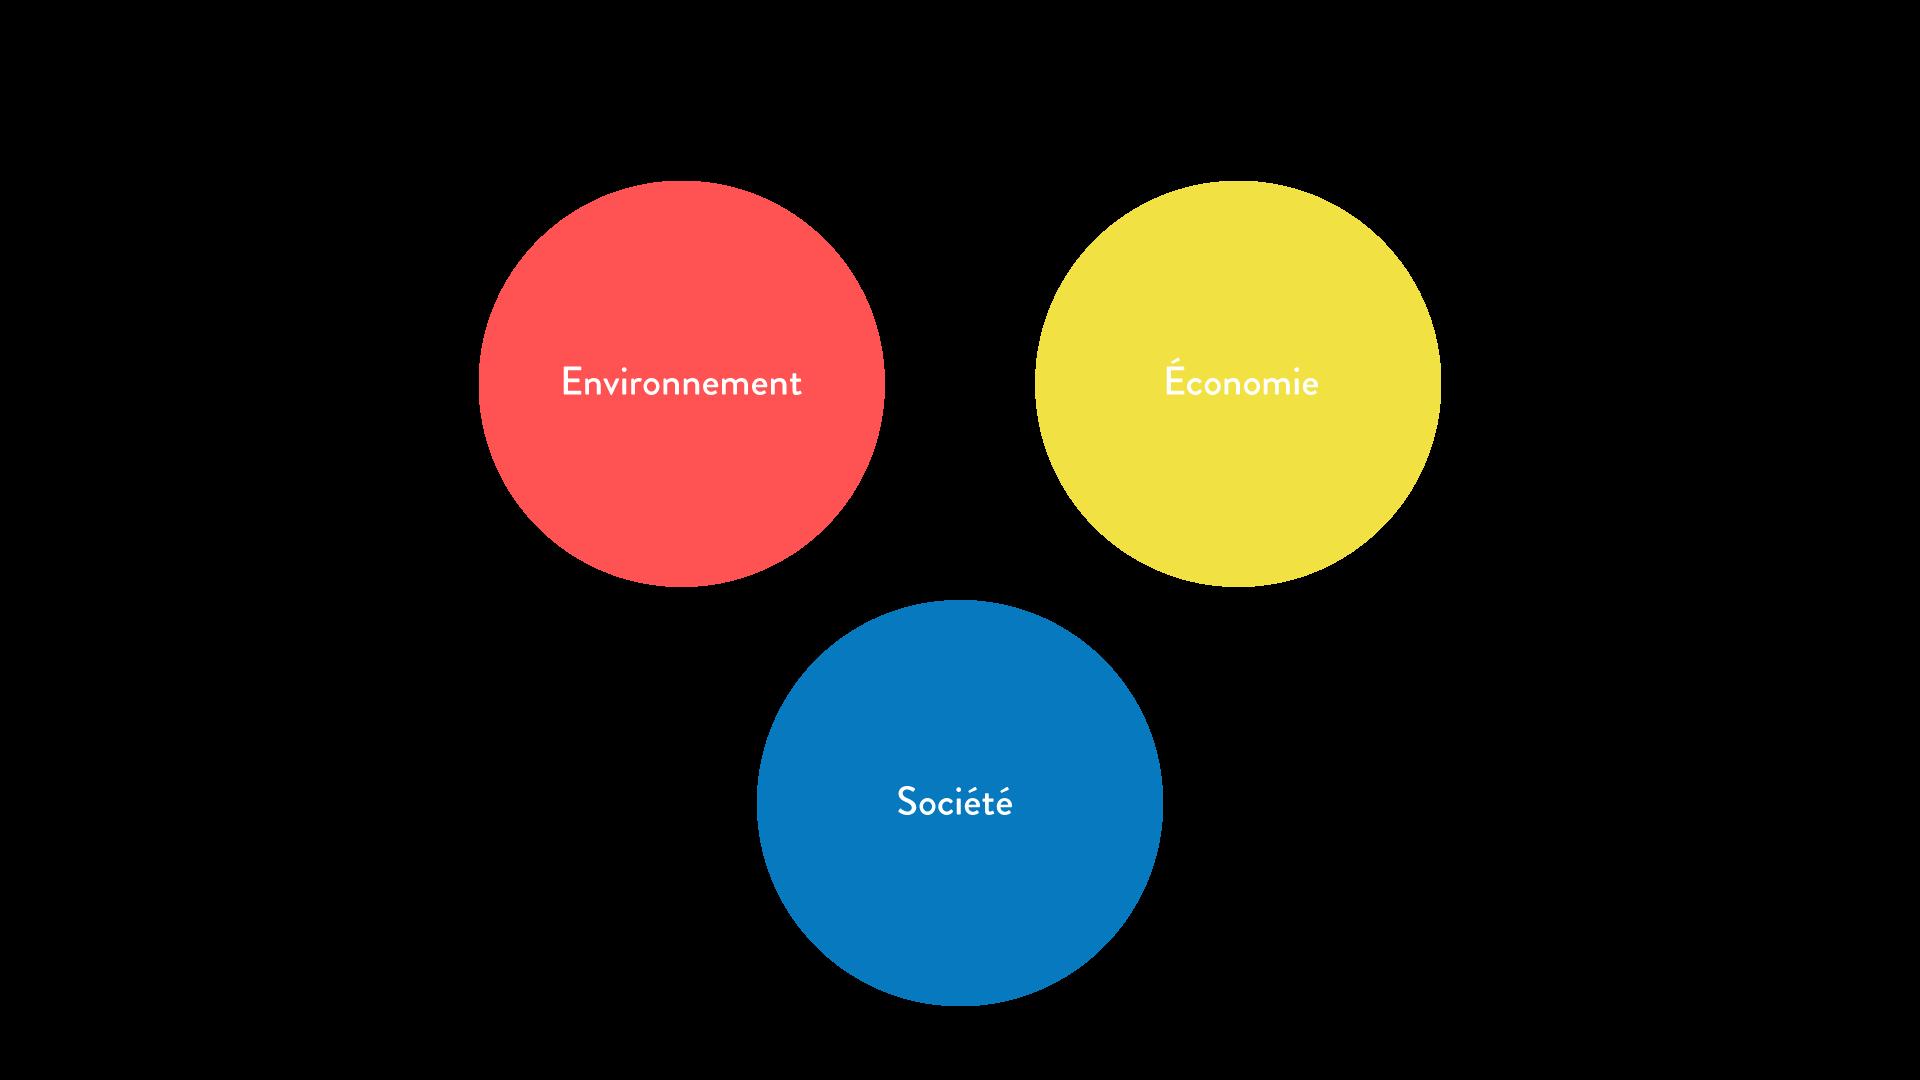 Avant le développement durable: une logique de séparation géographie cinquième